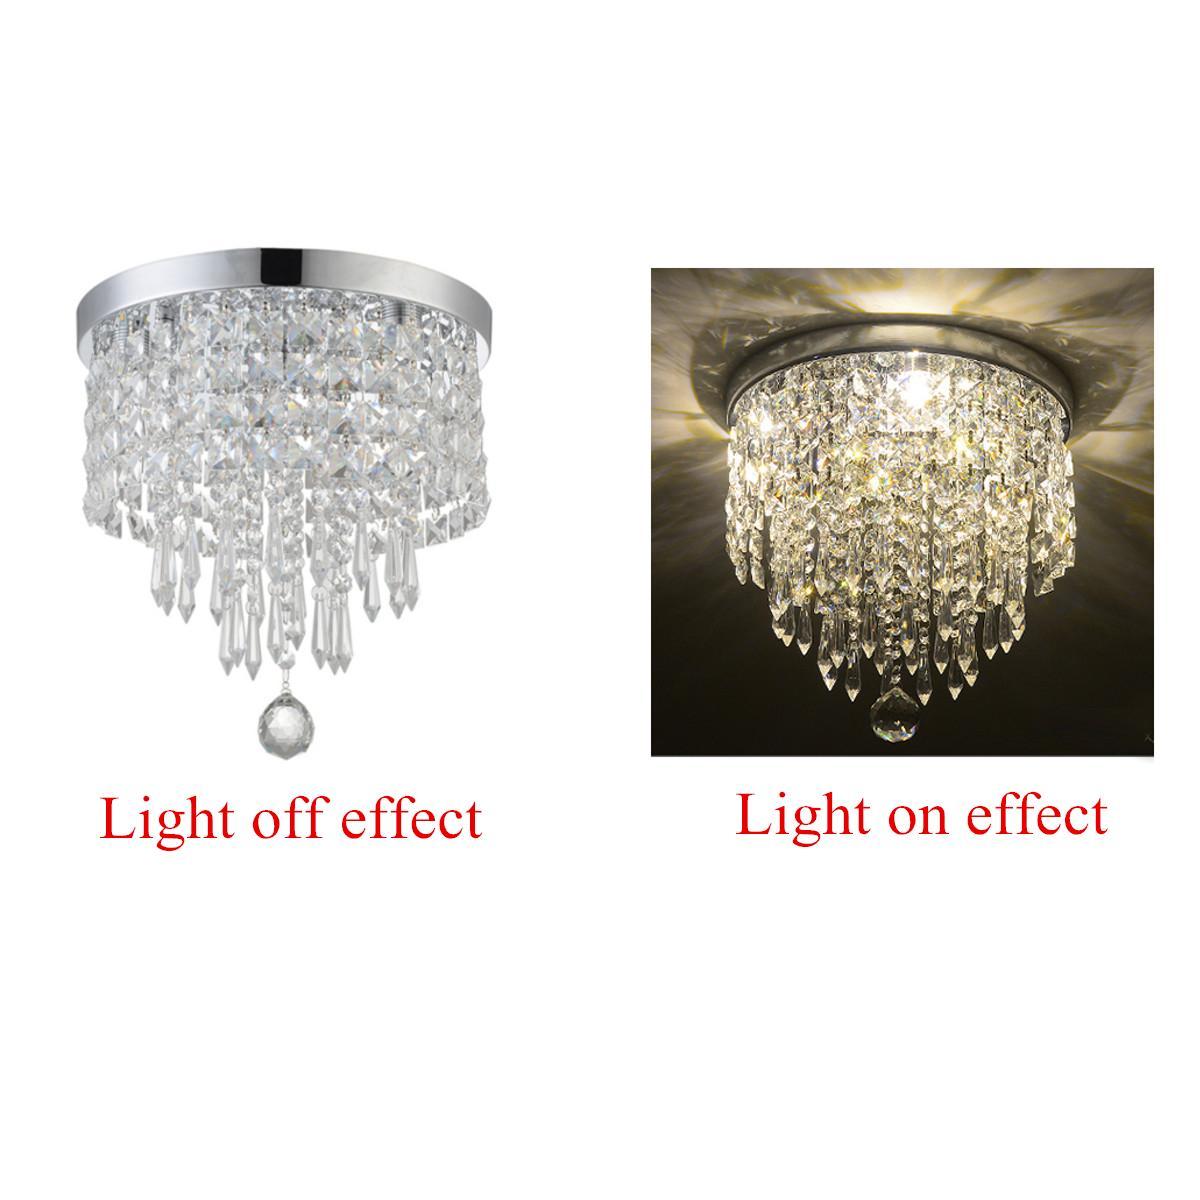 Low Price Elegant Chandelier Crystal Lamp Light Ceiling Flush Mount Fixture Home Decor Intl White Light